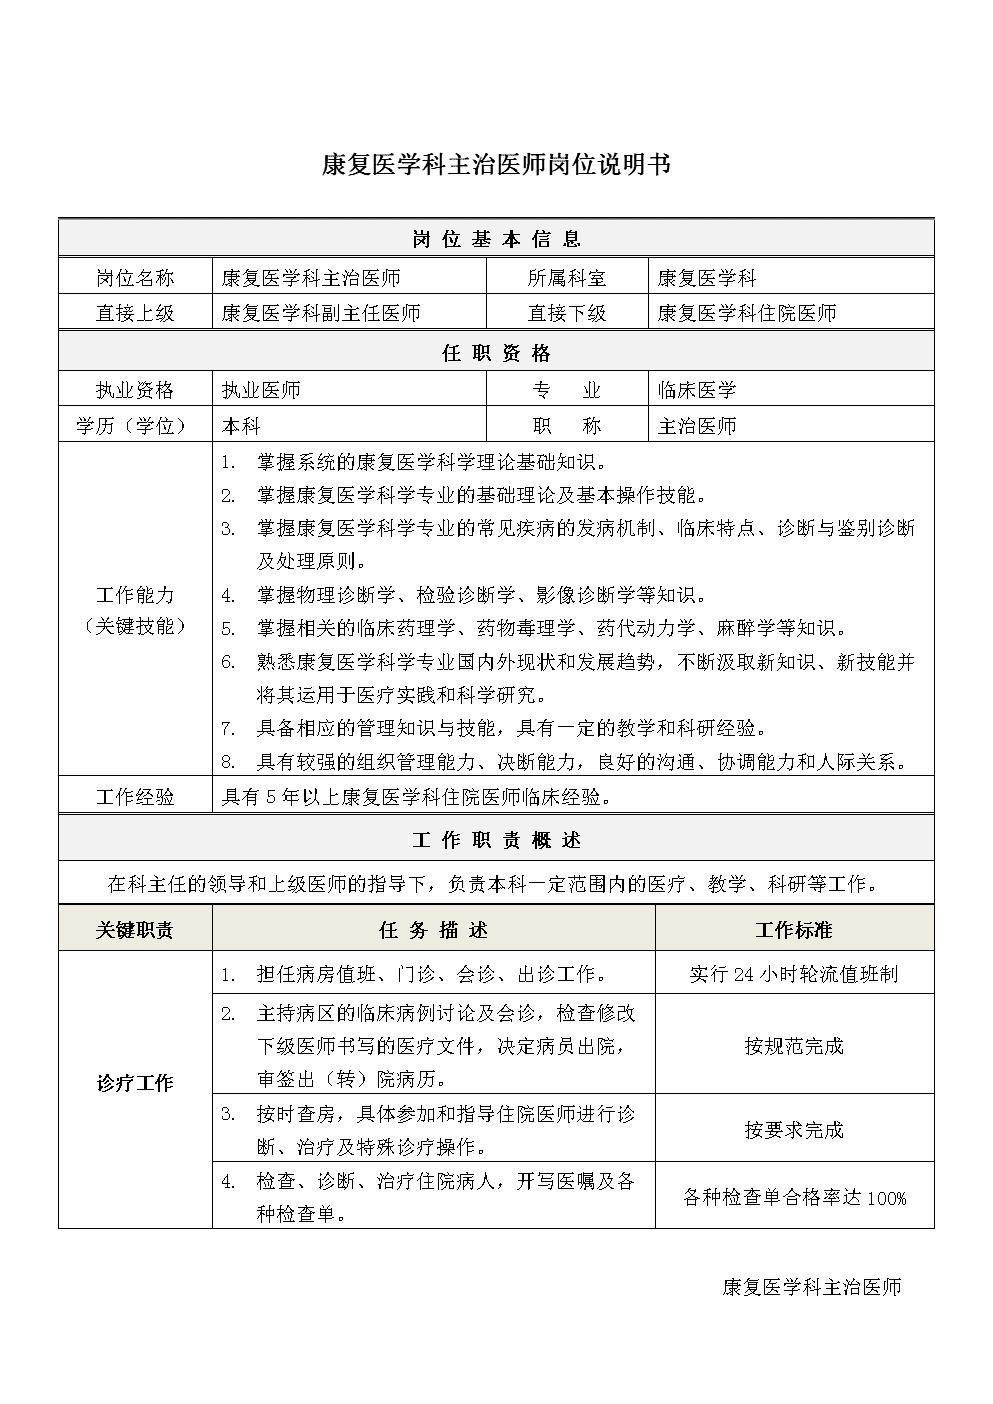 4康复医学科主治医师岗位说明书.docx